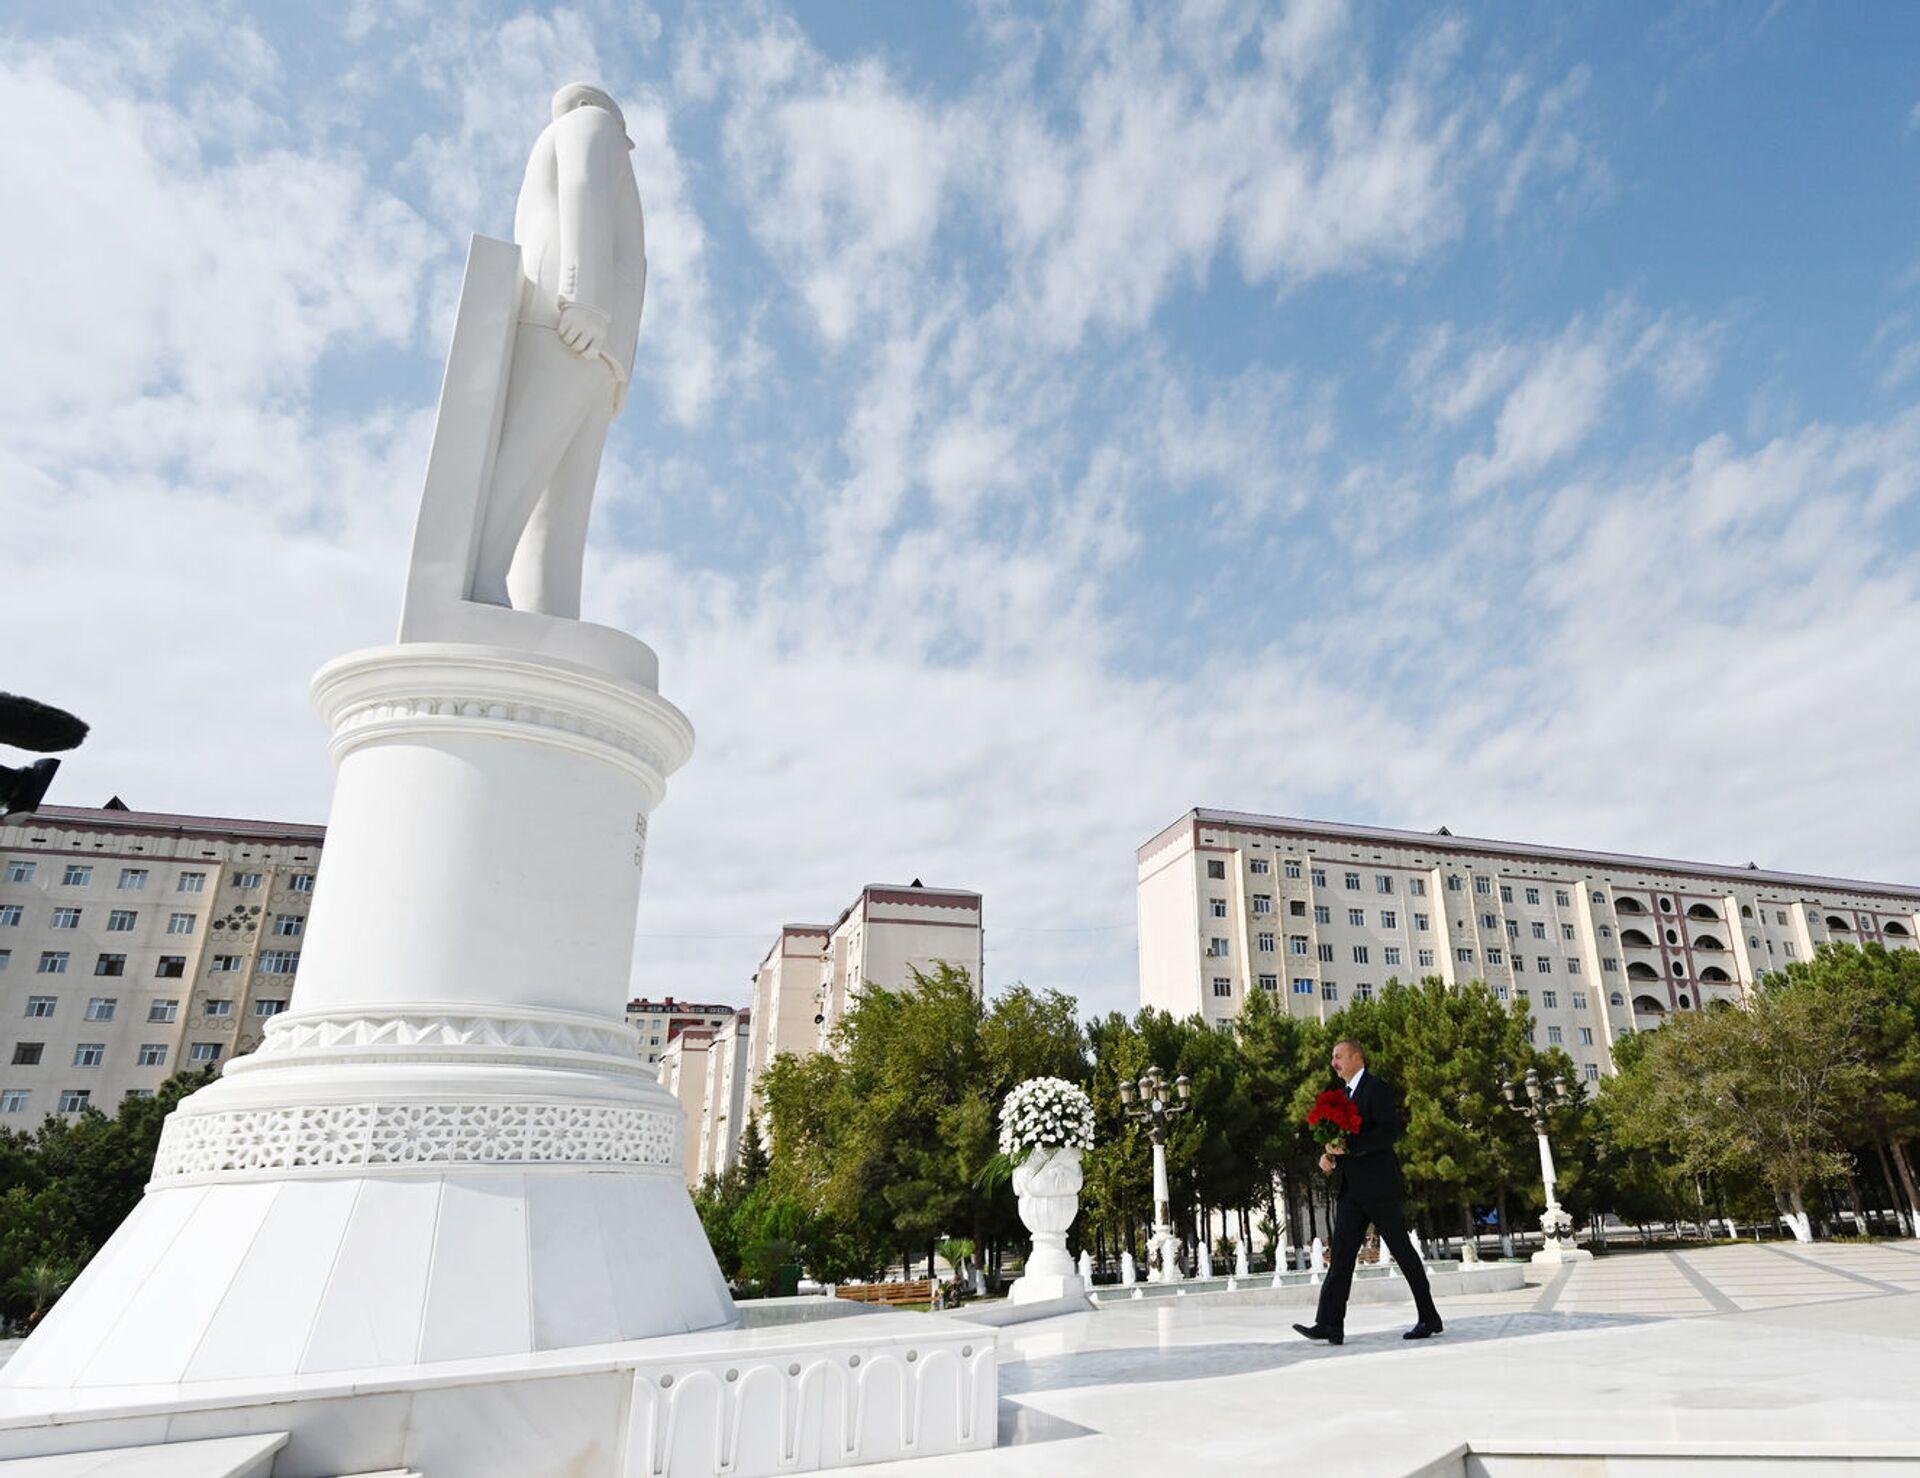 Президент Ильхам Алиев посетил в Сумгайыте памятник великому лидеру Гейдару Алиеву - Sputnik Азербайджан, 1920, 01.10.2021